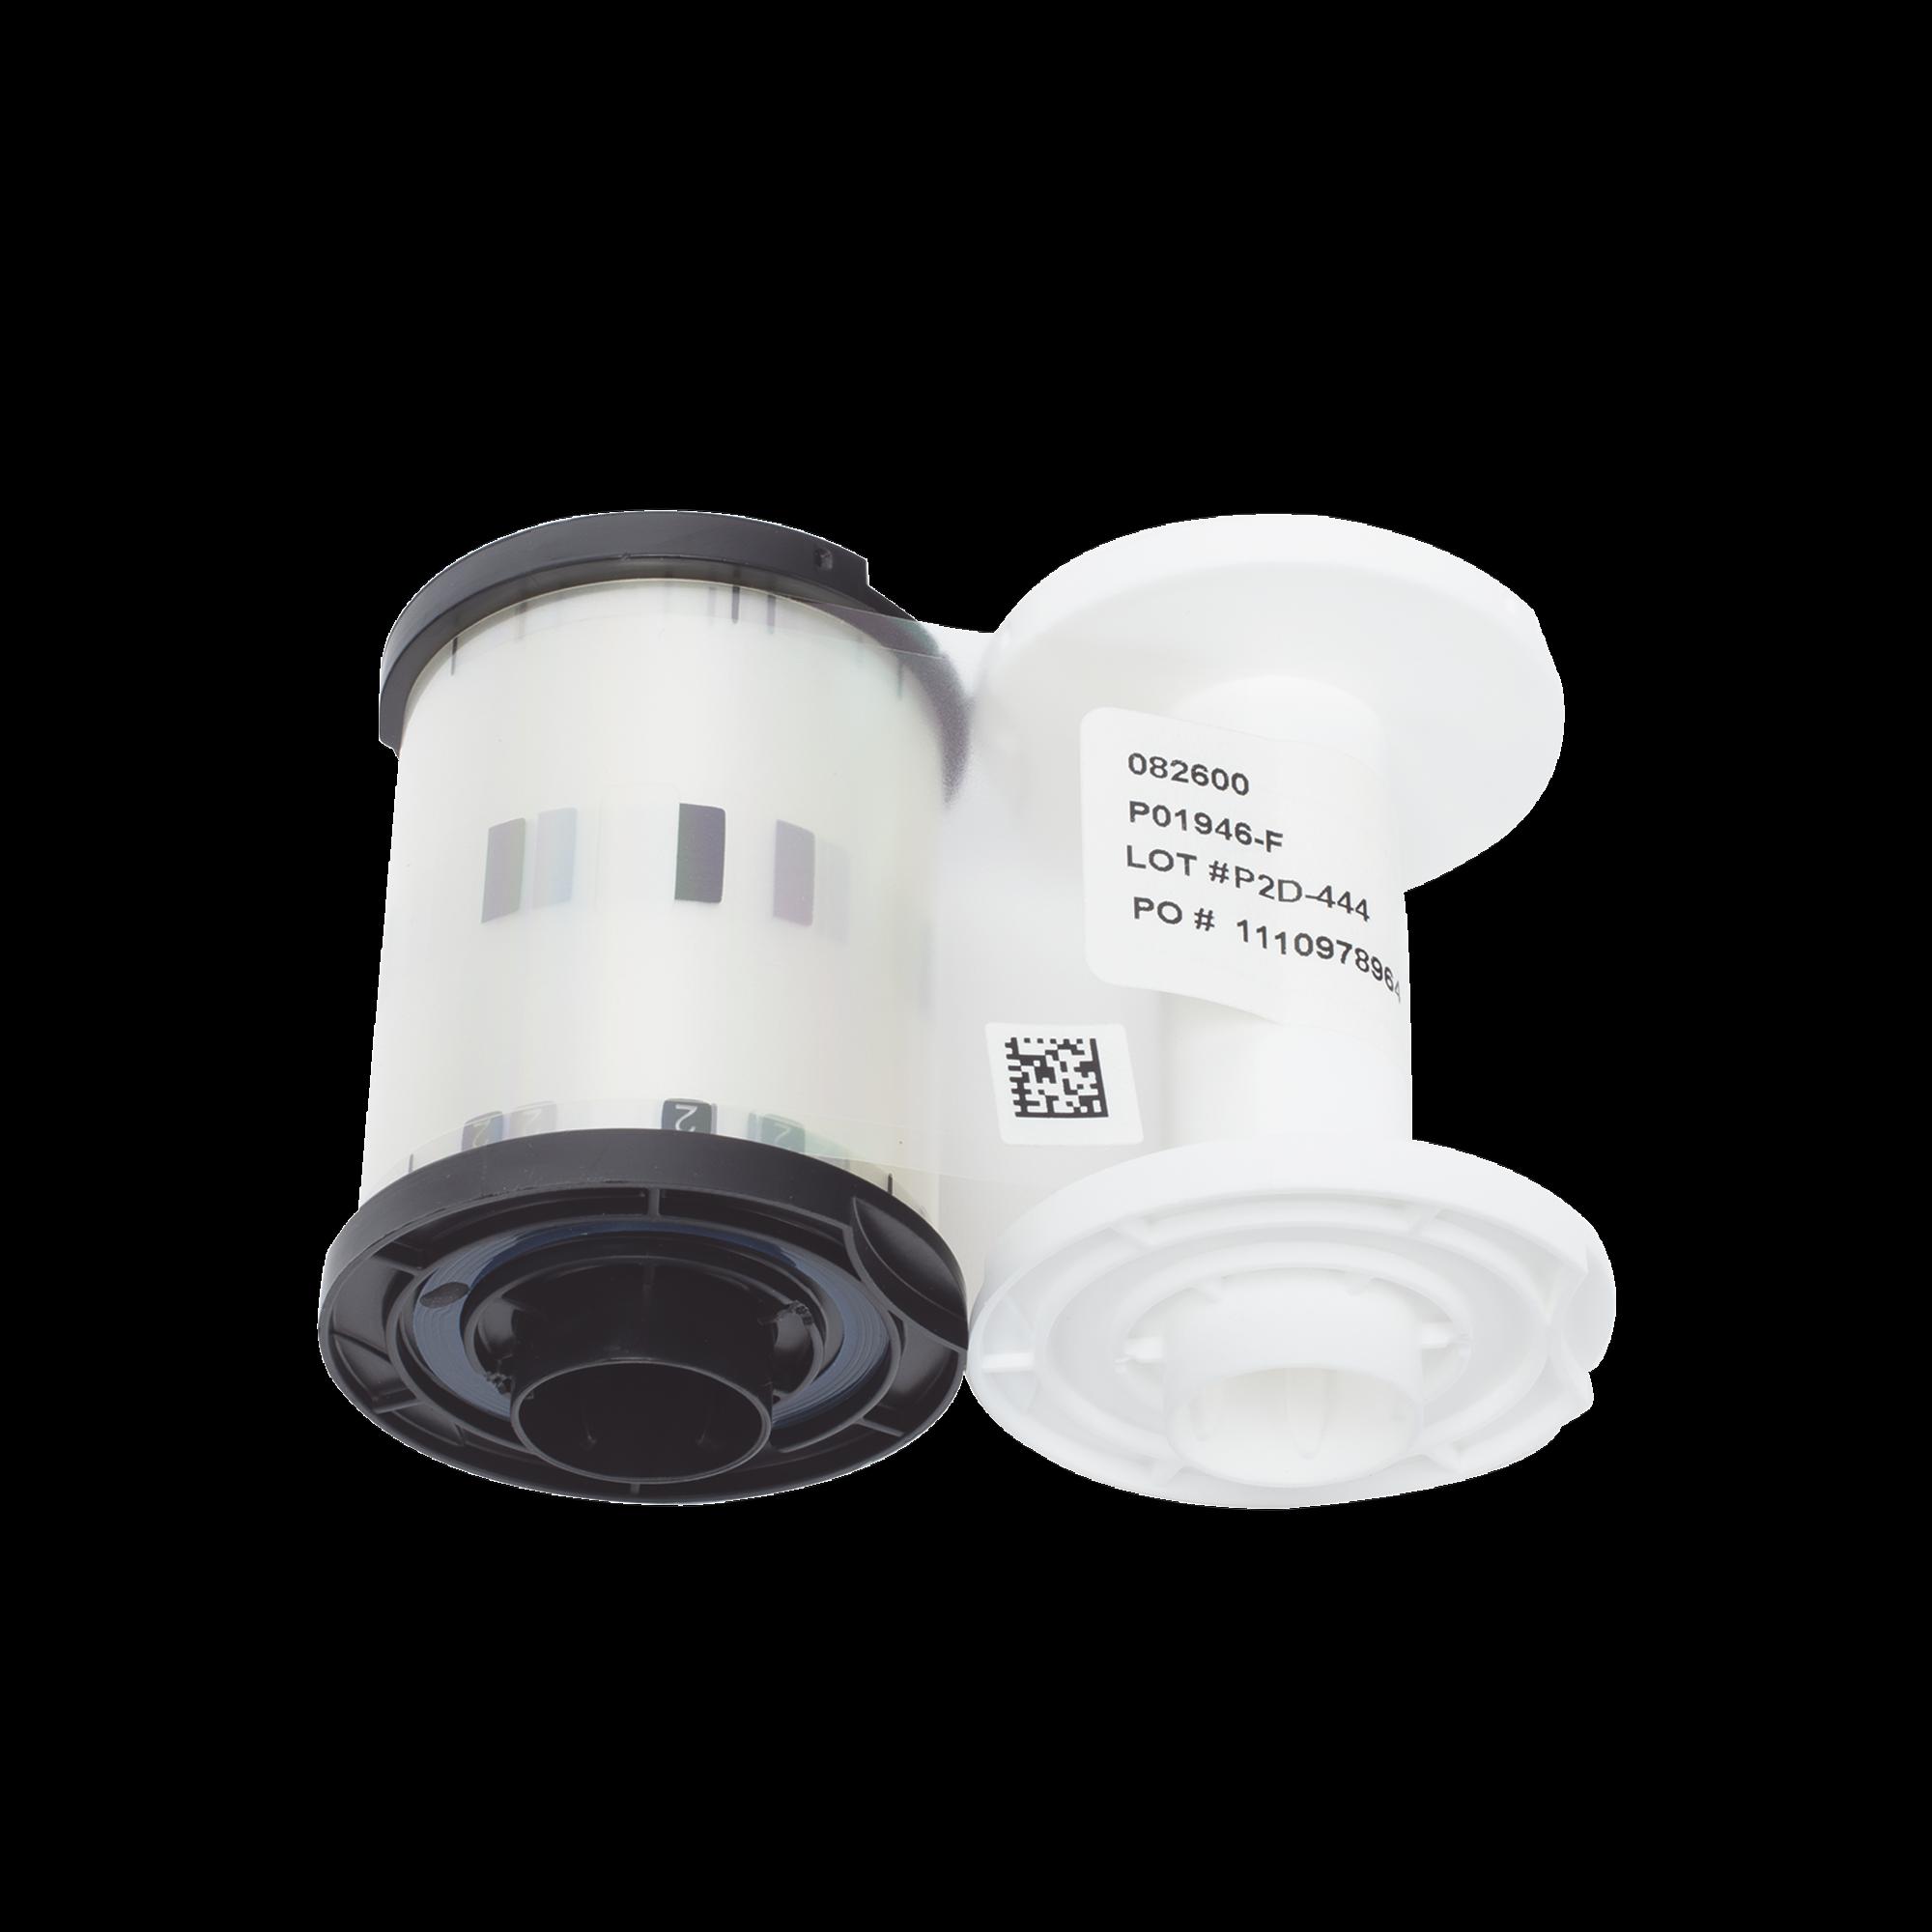 Cinta de laminación Transparente 0.6 mil para HDP5000 con laminación /Compatible con DTC4500e, DTC4500, HDP5000, HDP8500/ Capacidad de 250 laminados por un solo lado.